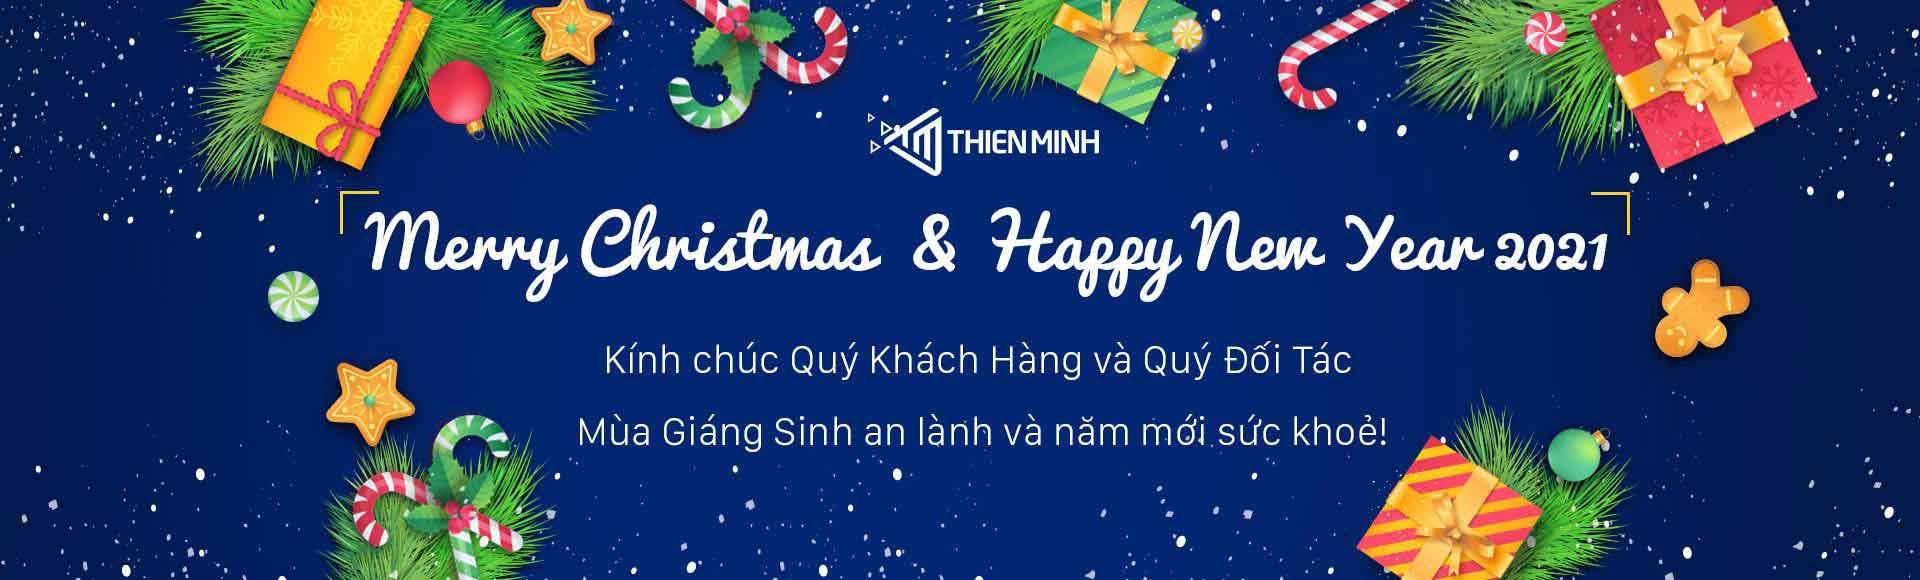 thiết kế website Thiên Minh - tmiweb.vn